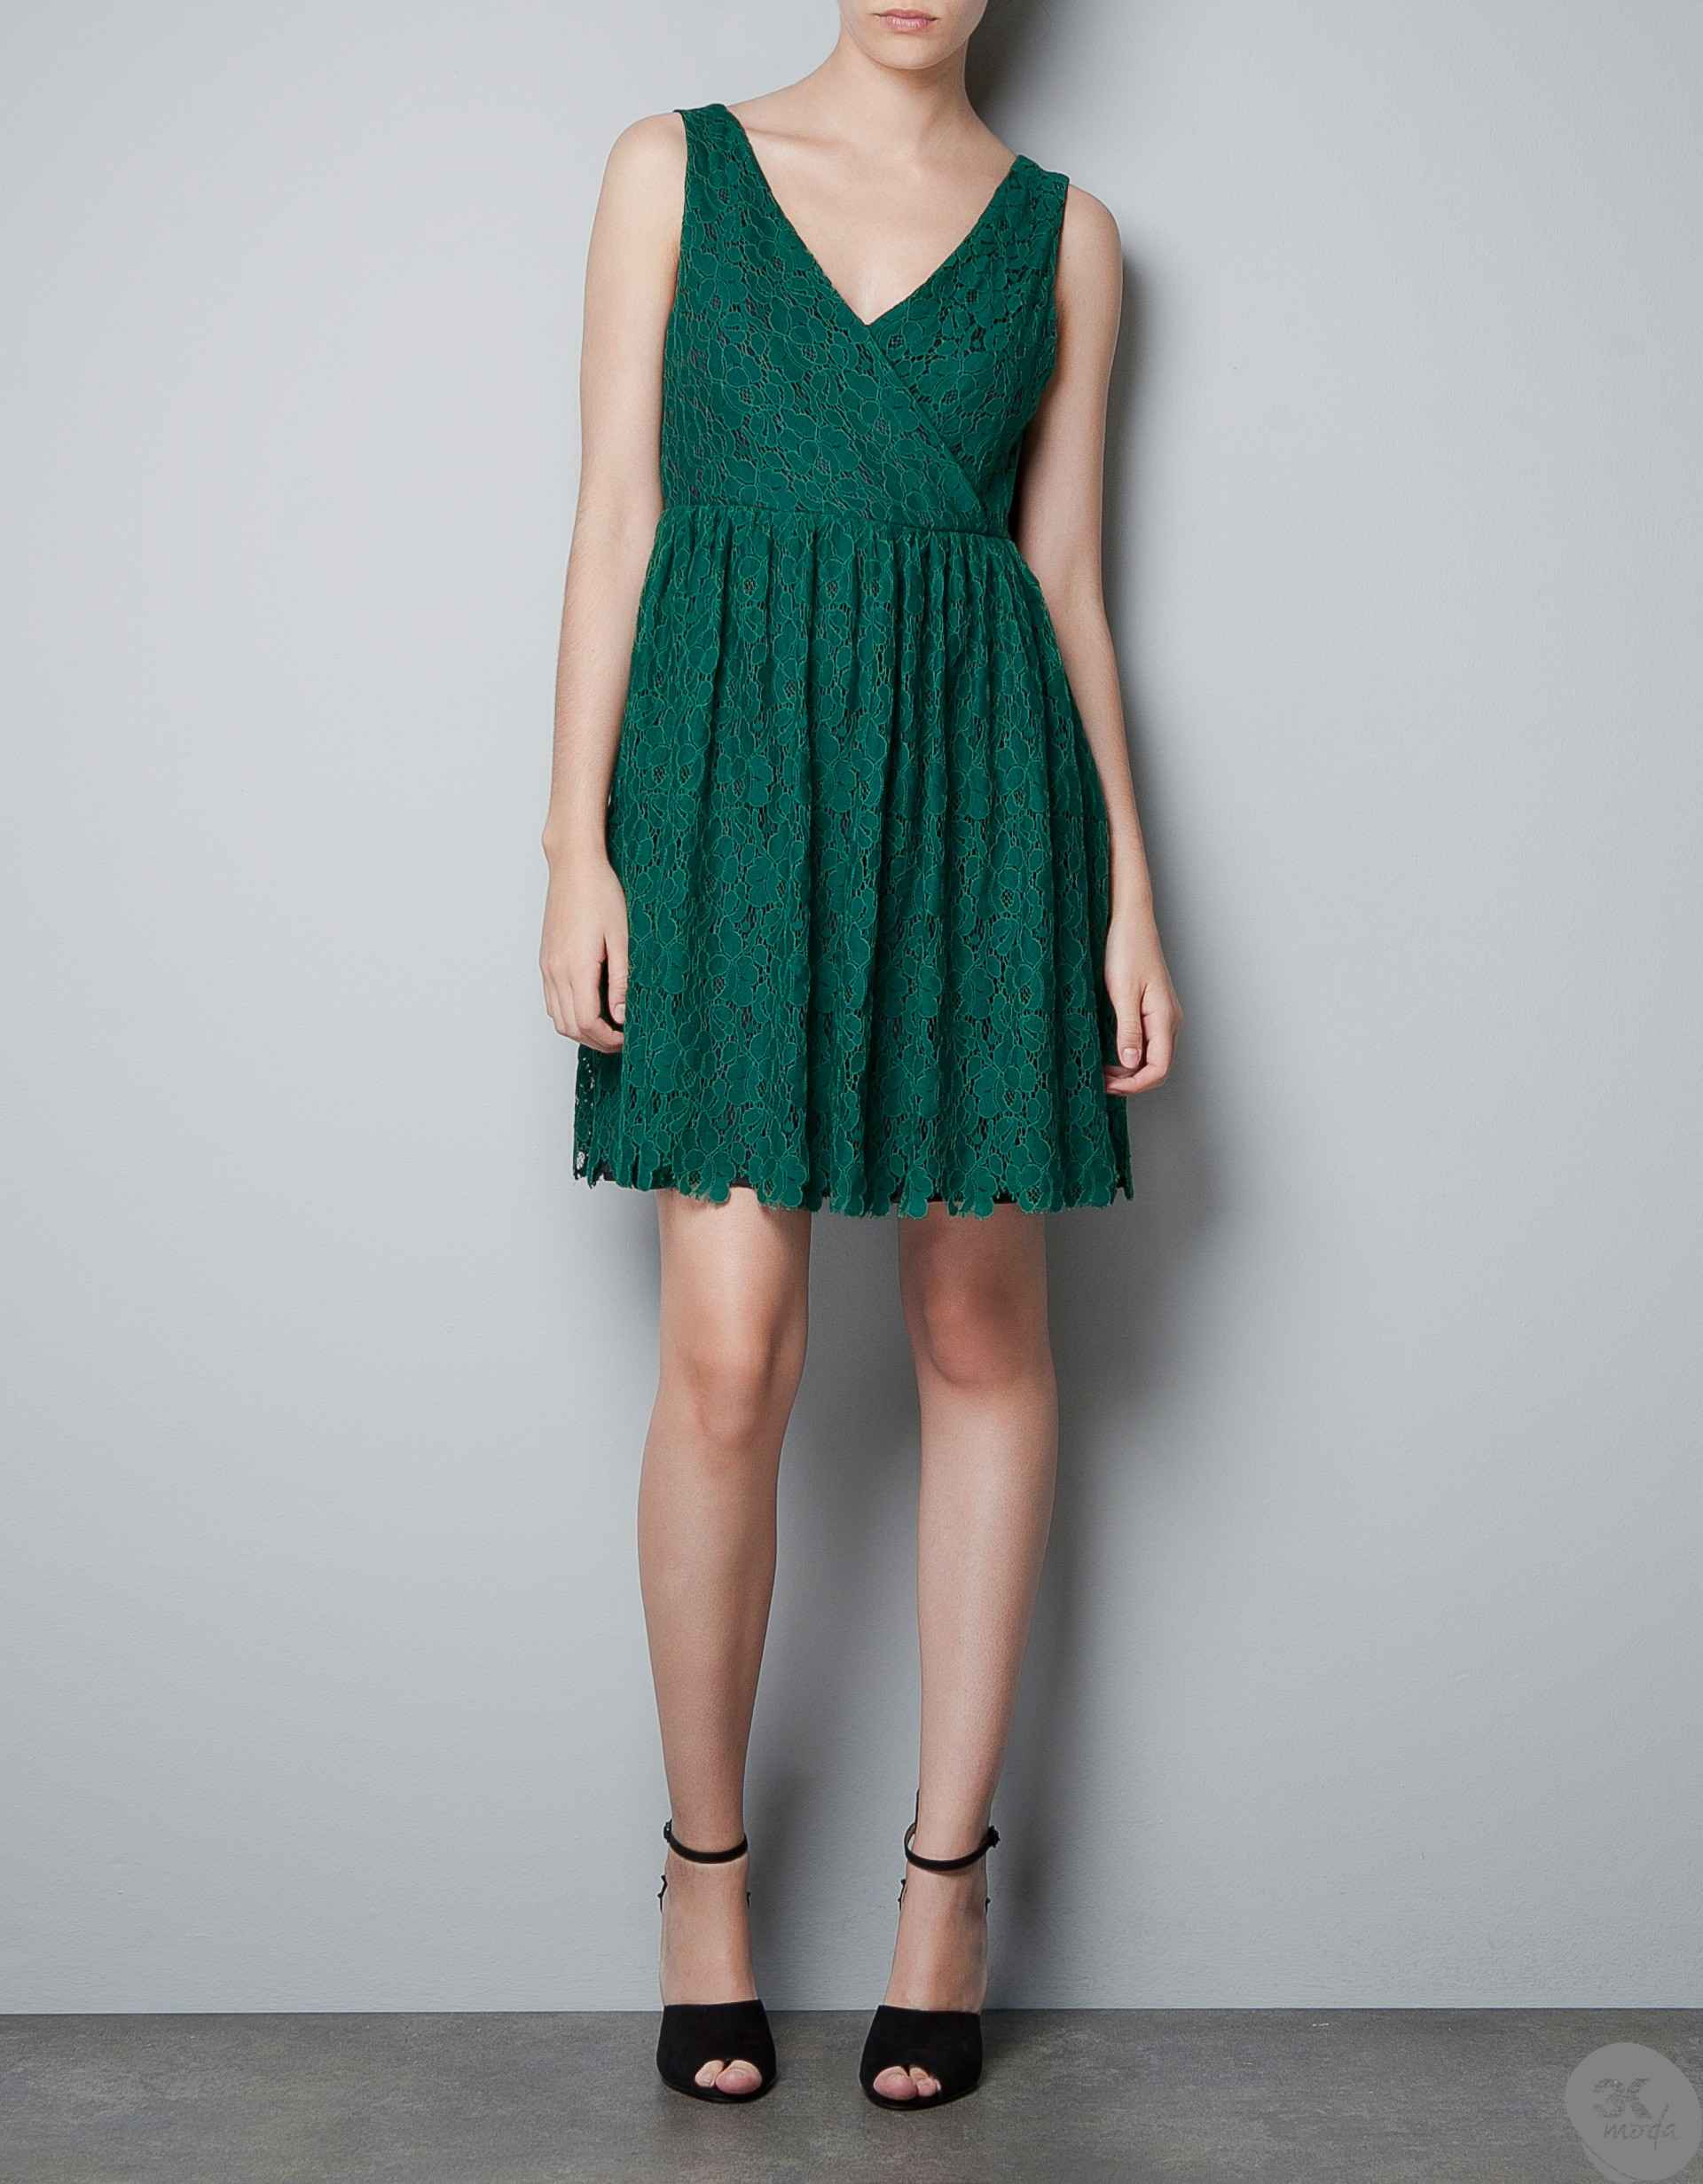 Zara Elbise Modelleri 2013